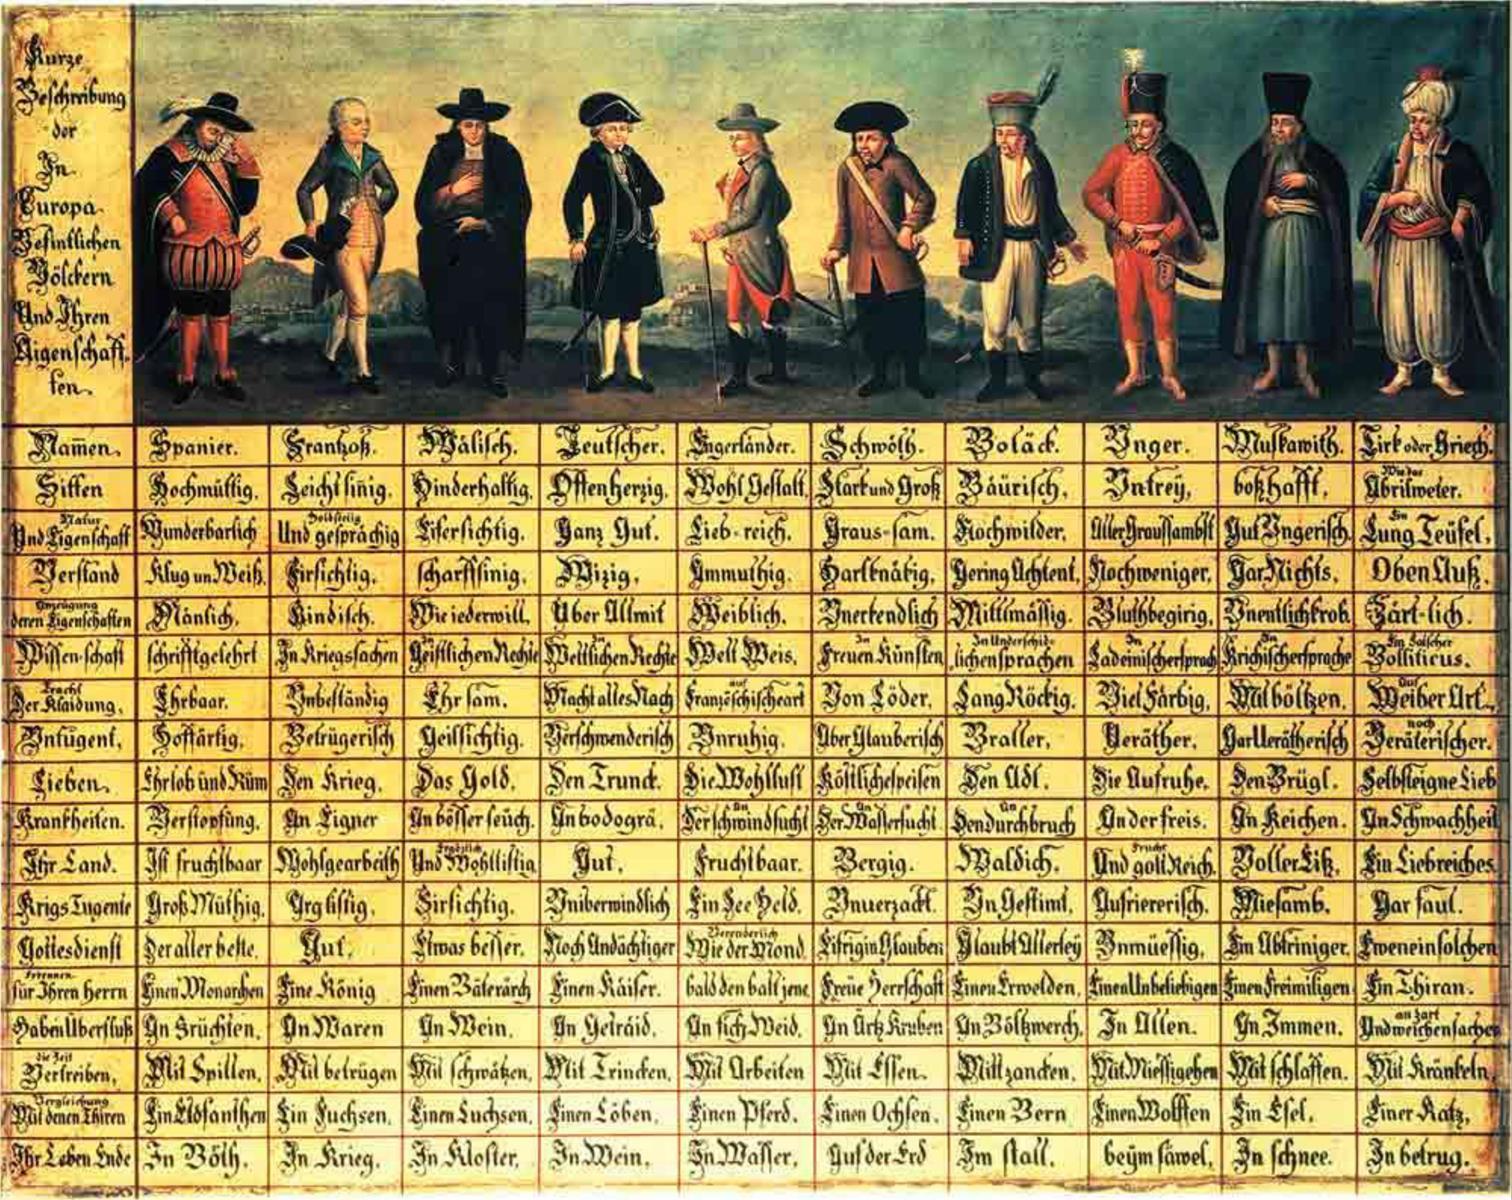 Die sogenannte Völkertafel - 1725 in der Steiermark entstandenes Gemälde.